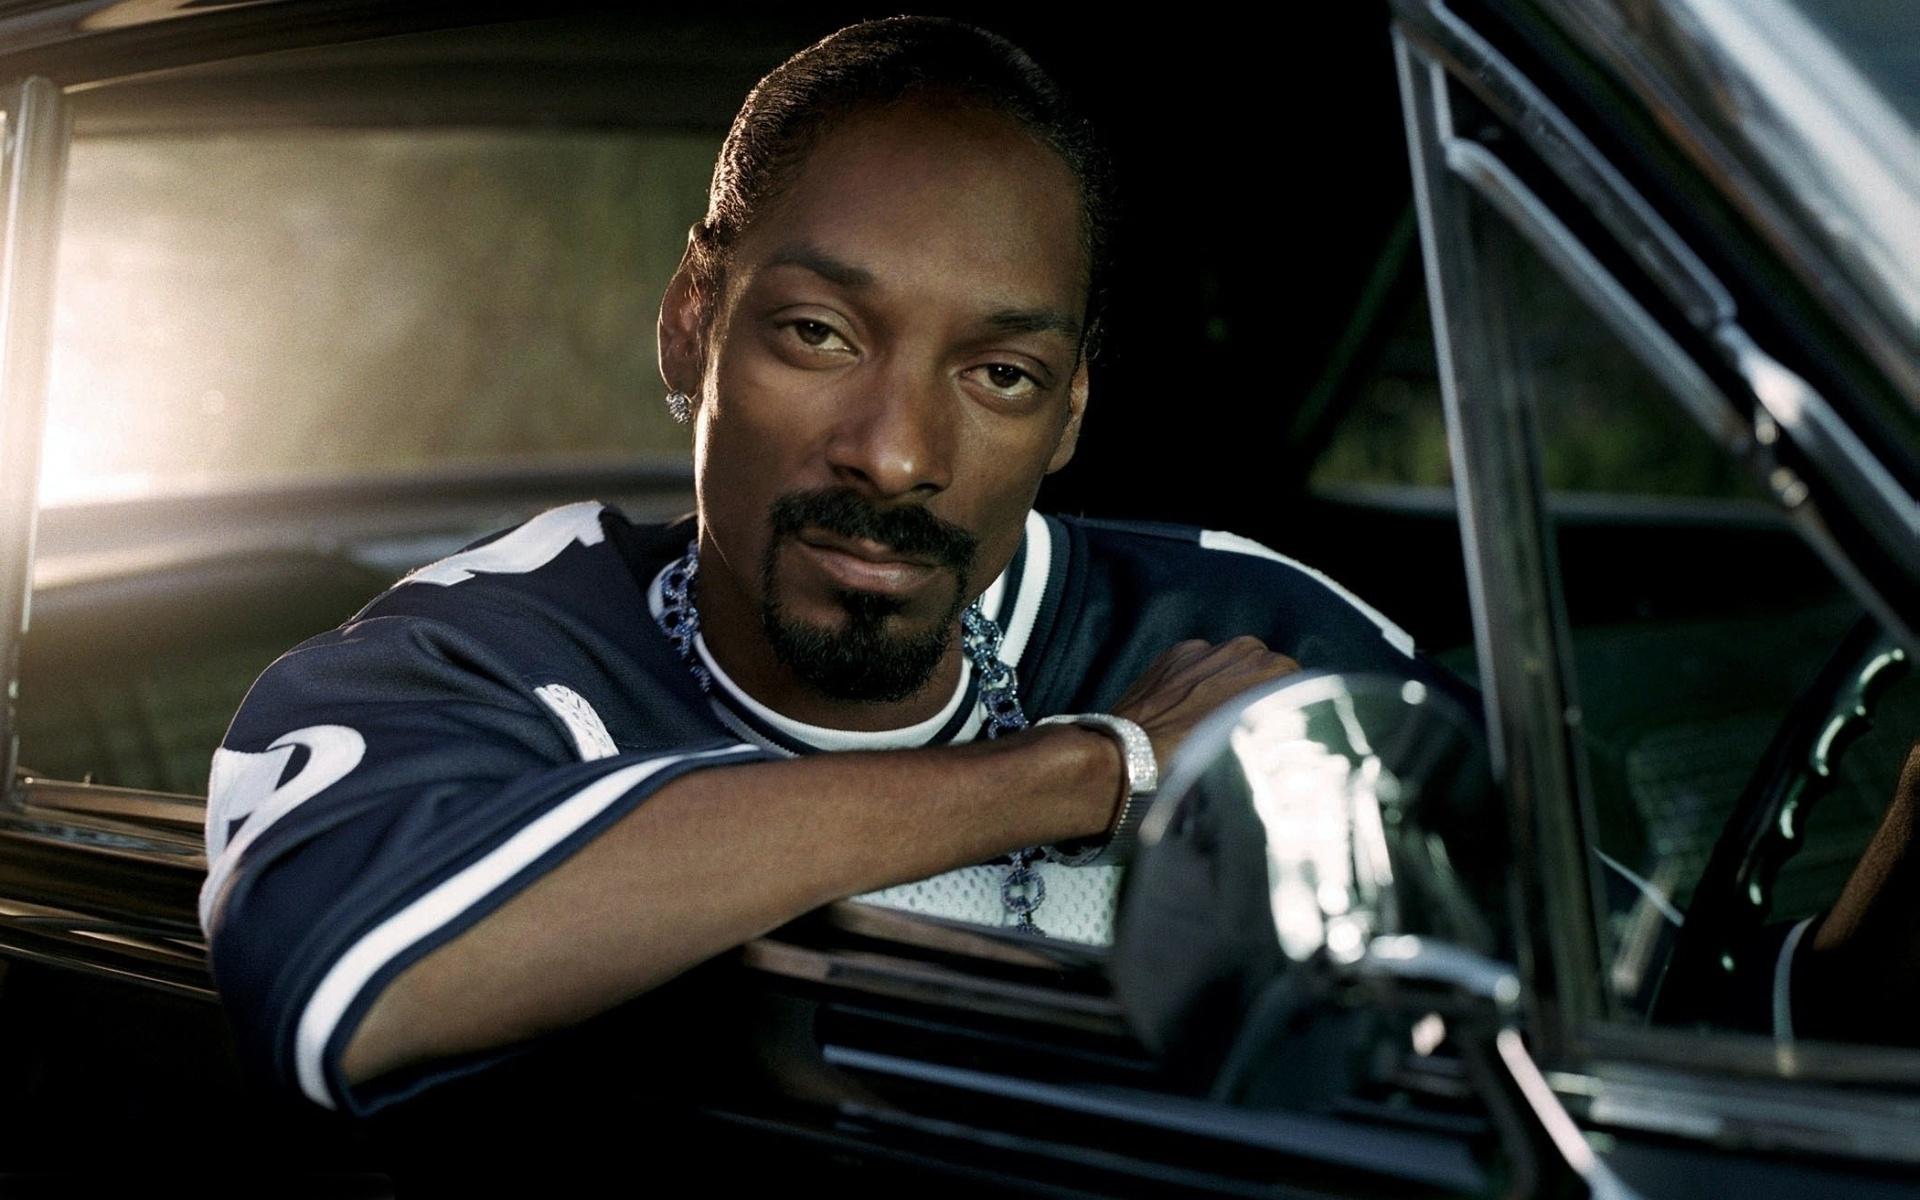 28725 Hintergrundbild herunterladen Musik, Menschen, Künstler, Männer, Snoop Doggy Dogg - Bildschirmschoner und Bilder kostenlos